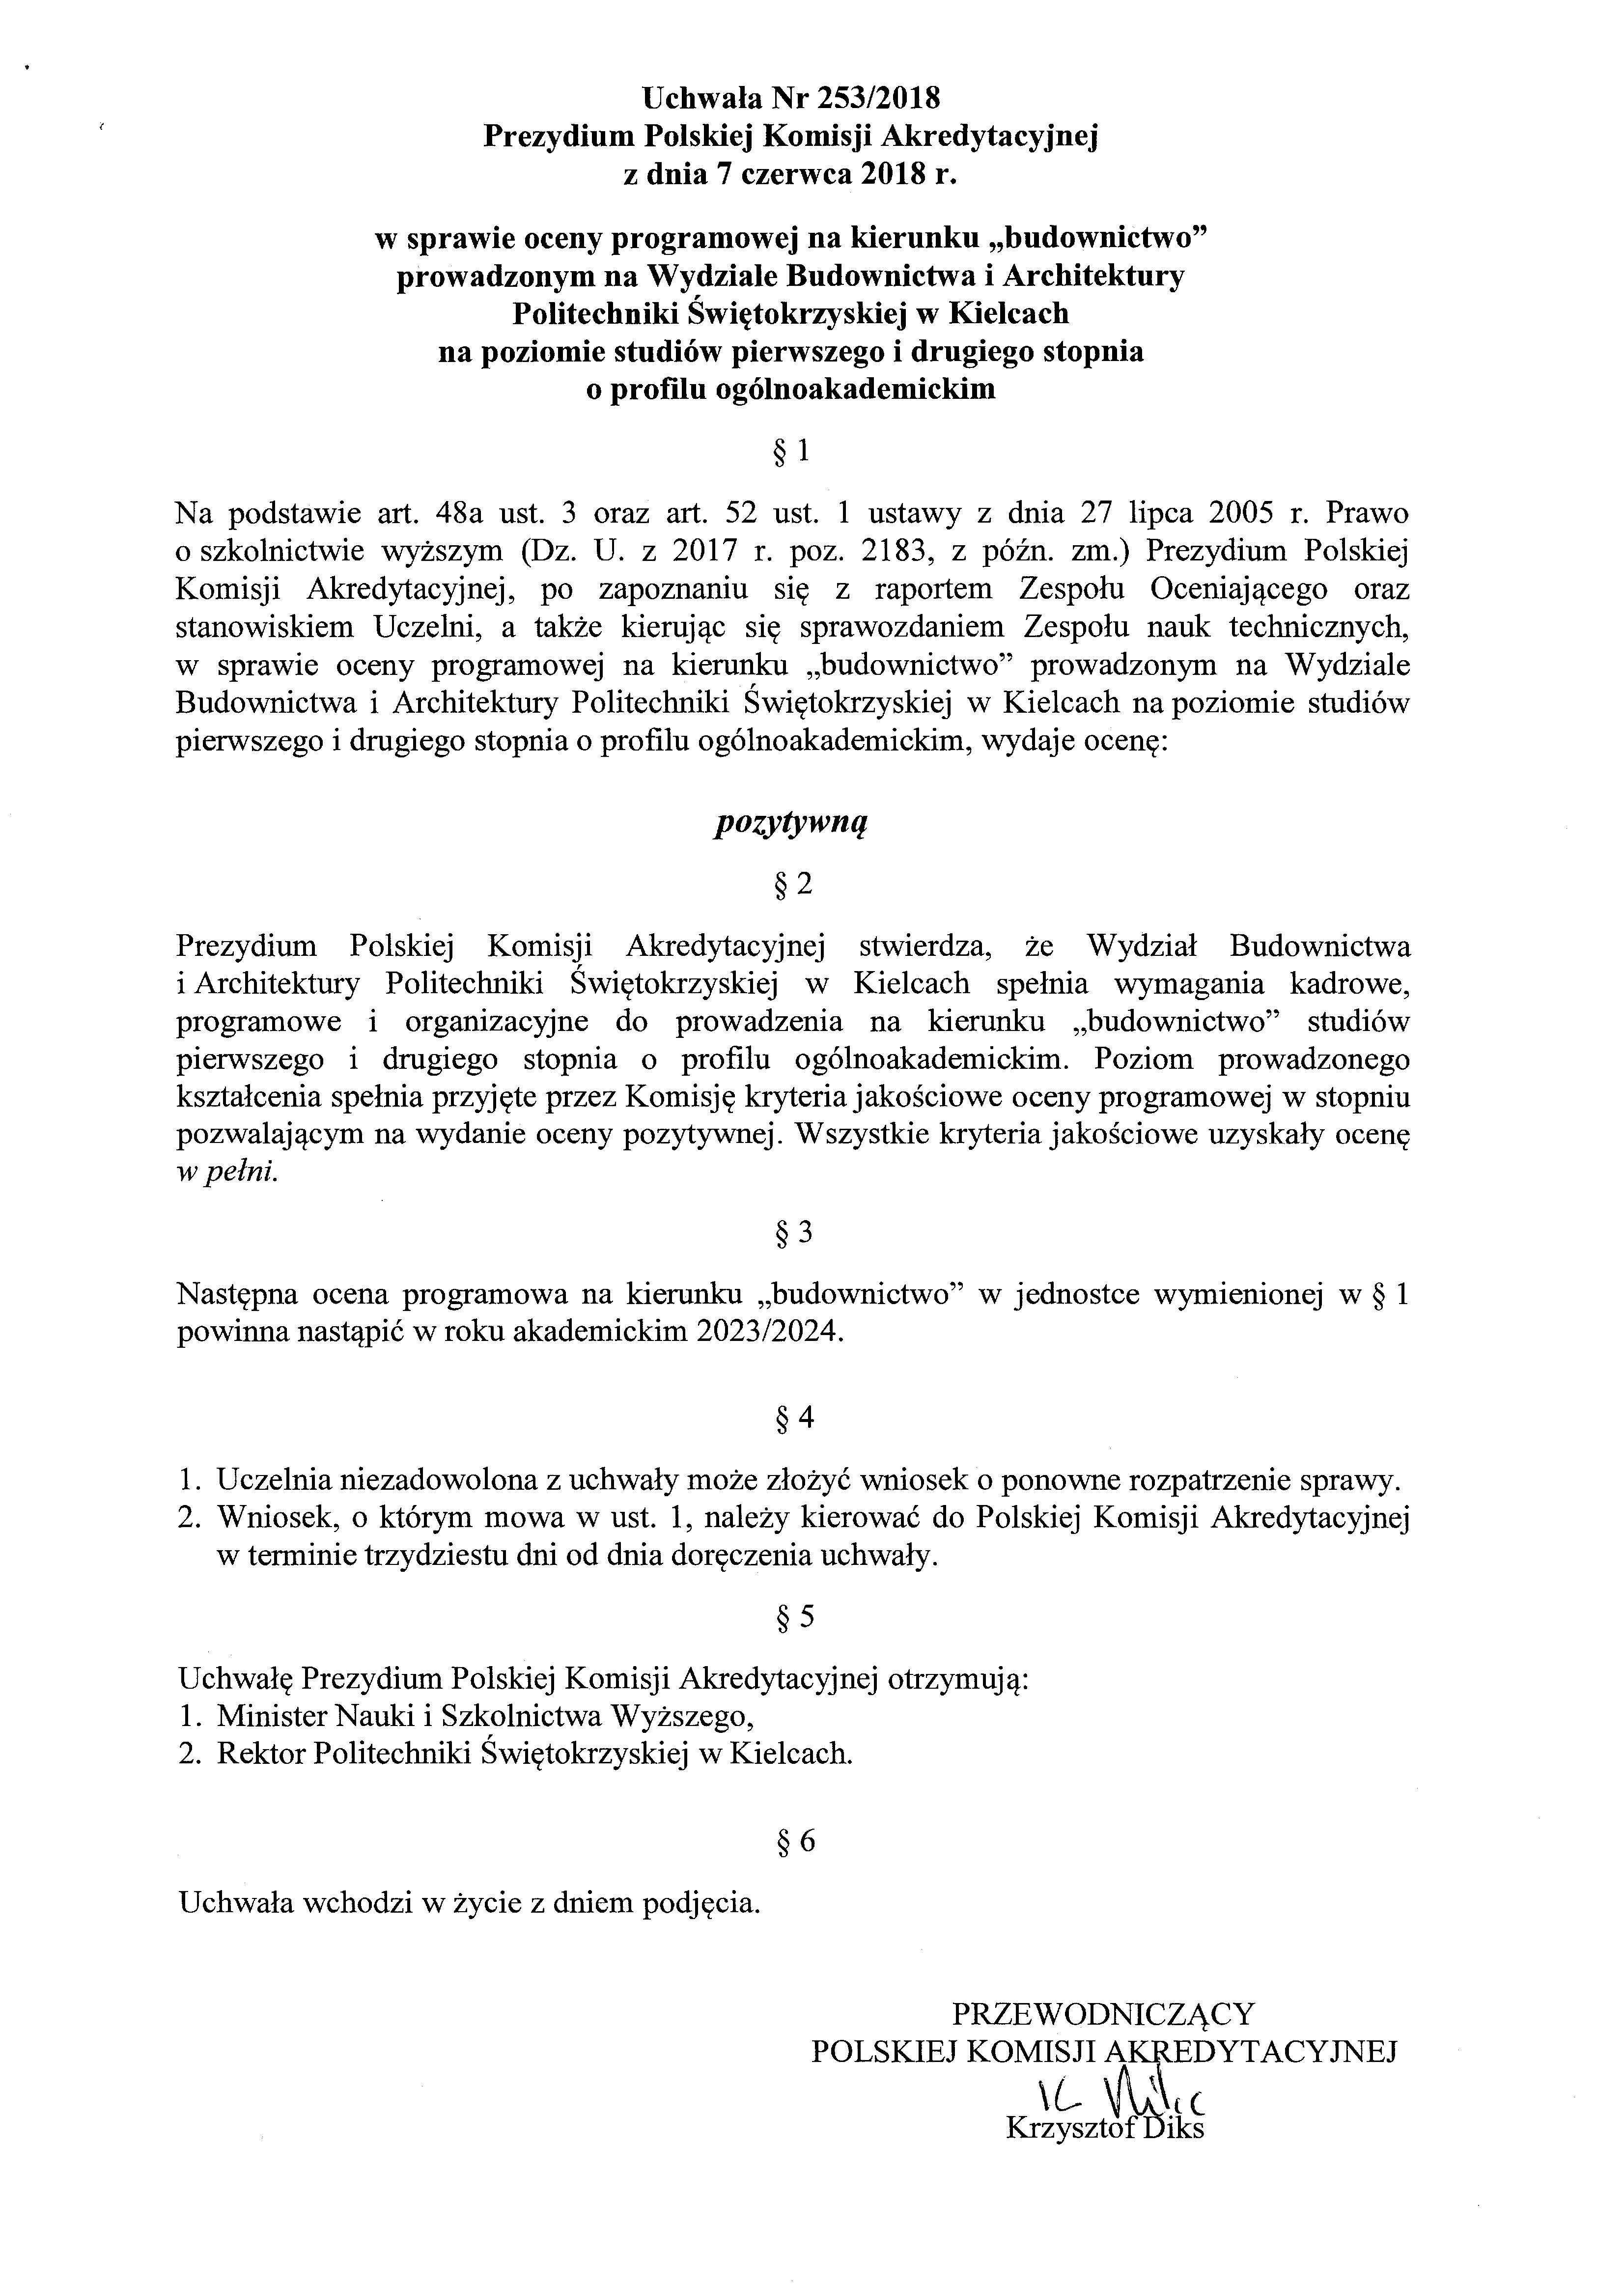 """Uchwała PKA w sprawie oceny jakości kształcenia na kierunku """"budownictwo"""""""